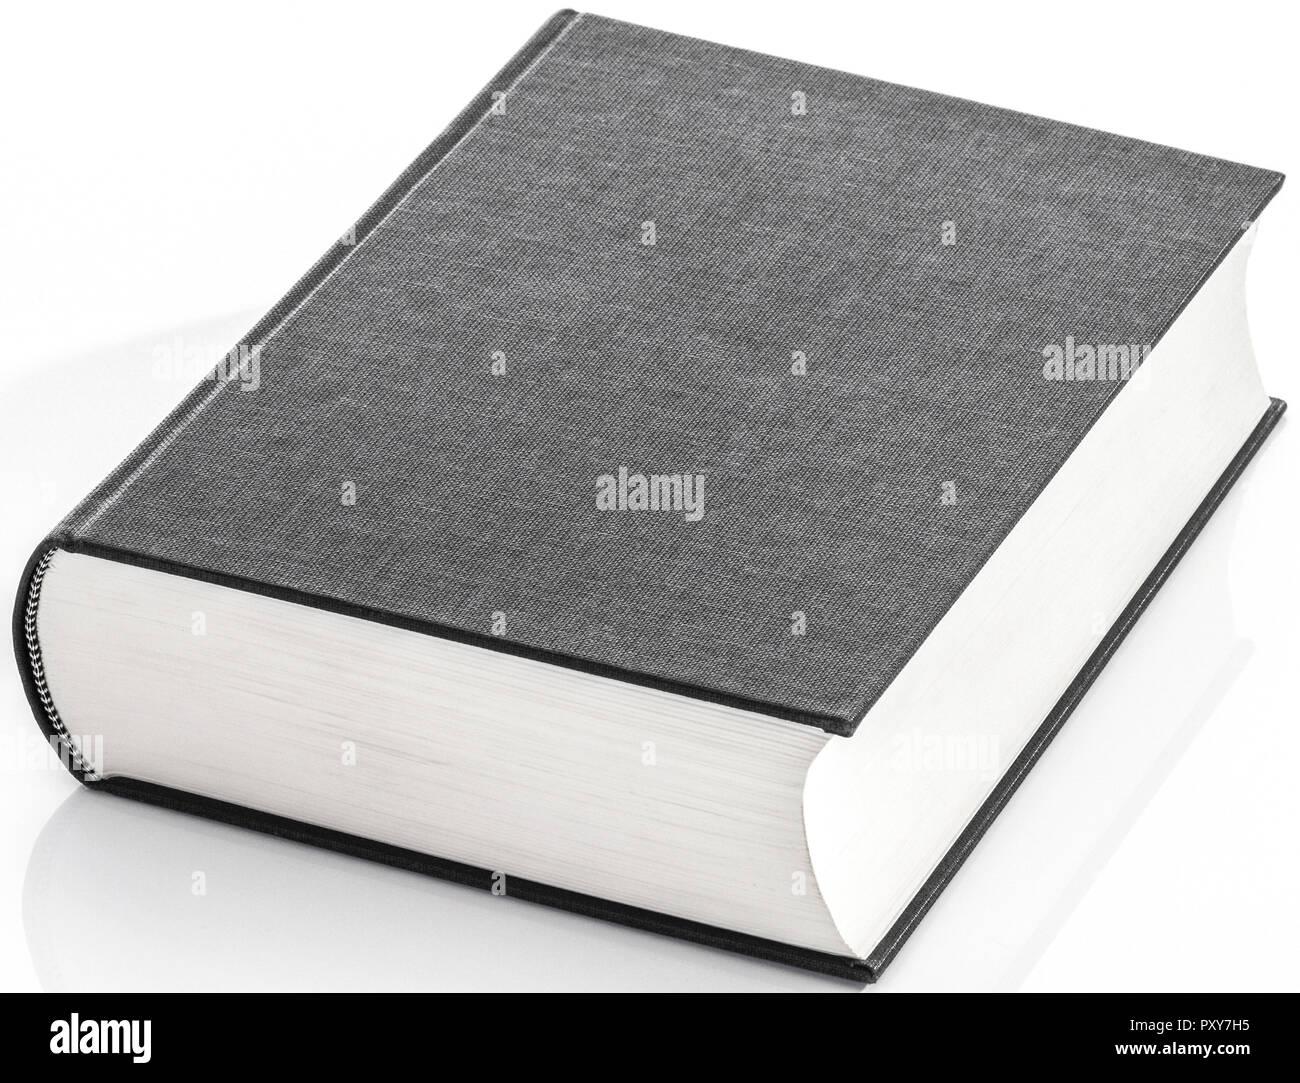 Einzelnes Buch - Stock Image